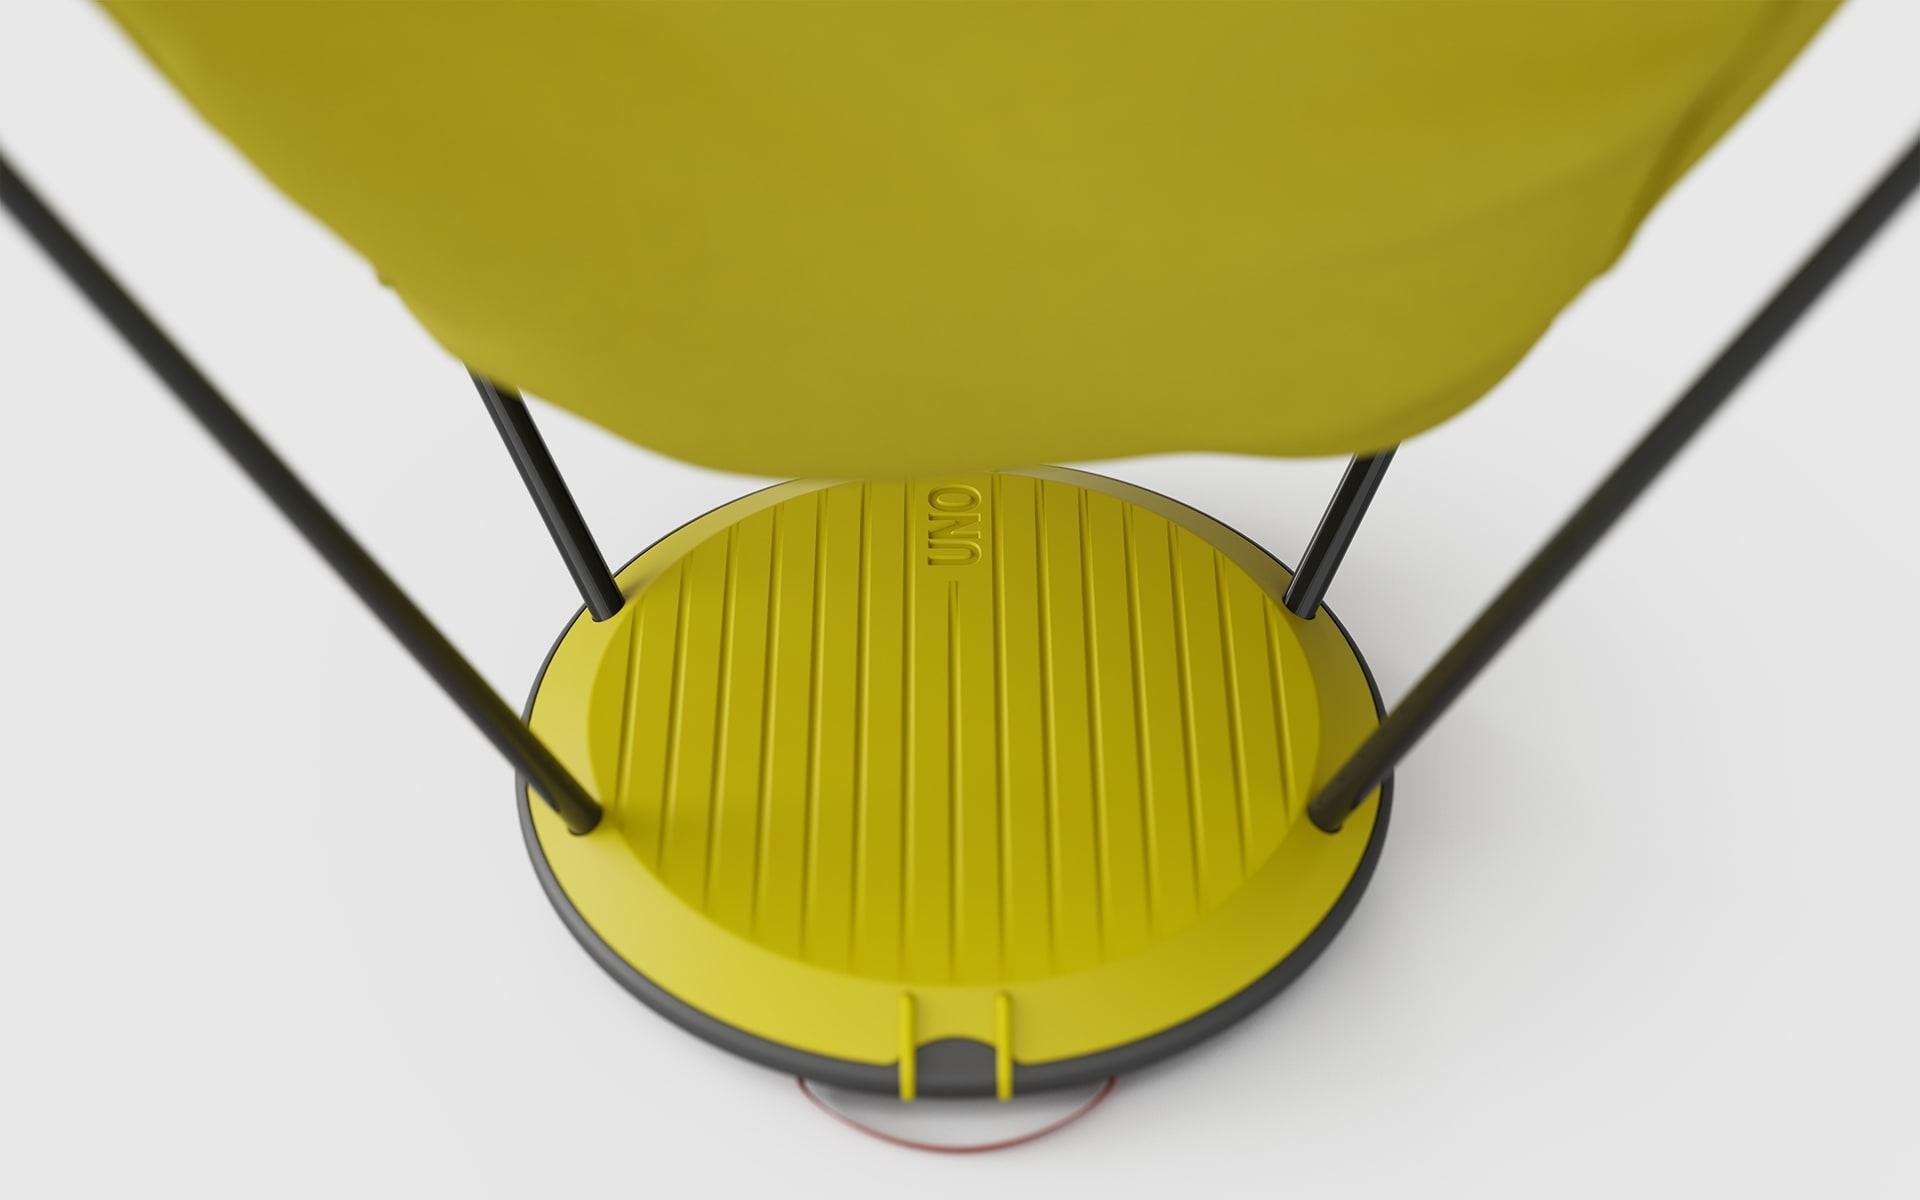 Nahaufnahme des Tellerfusses eines gelben Therm-a-Rest Uno Outdoor-Stuhls von ITO Design